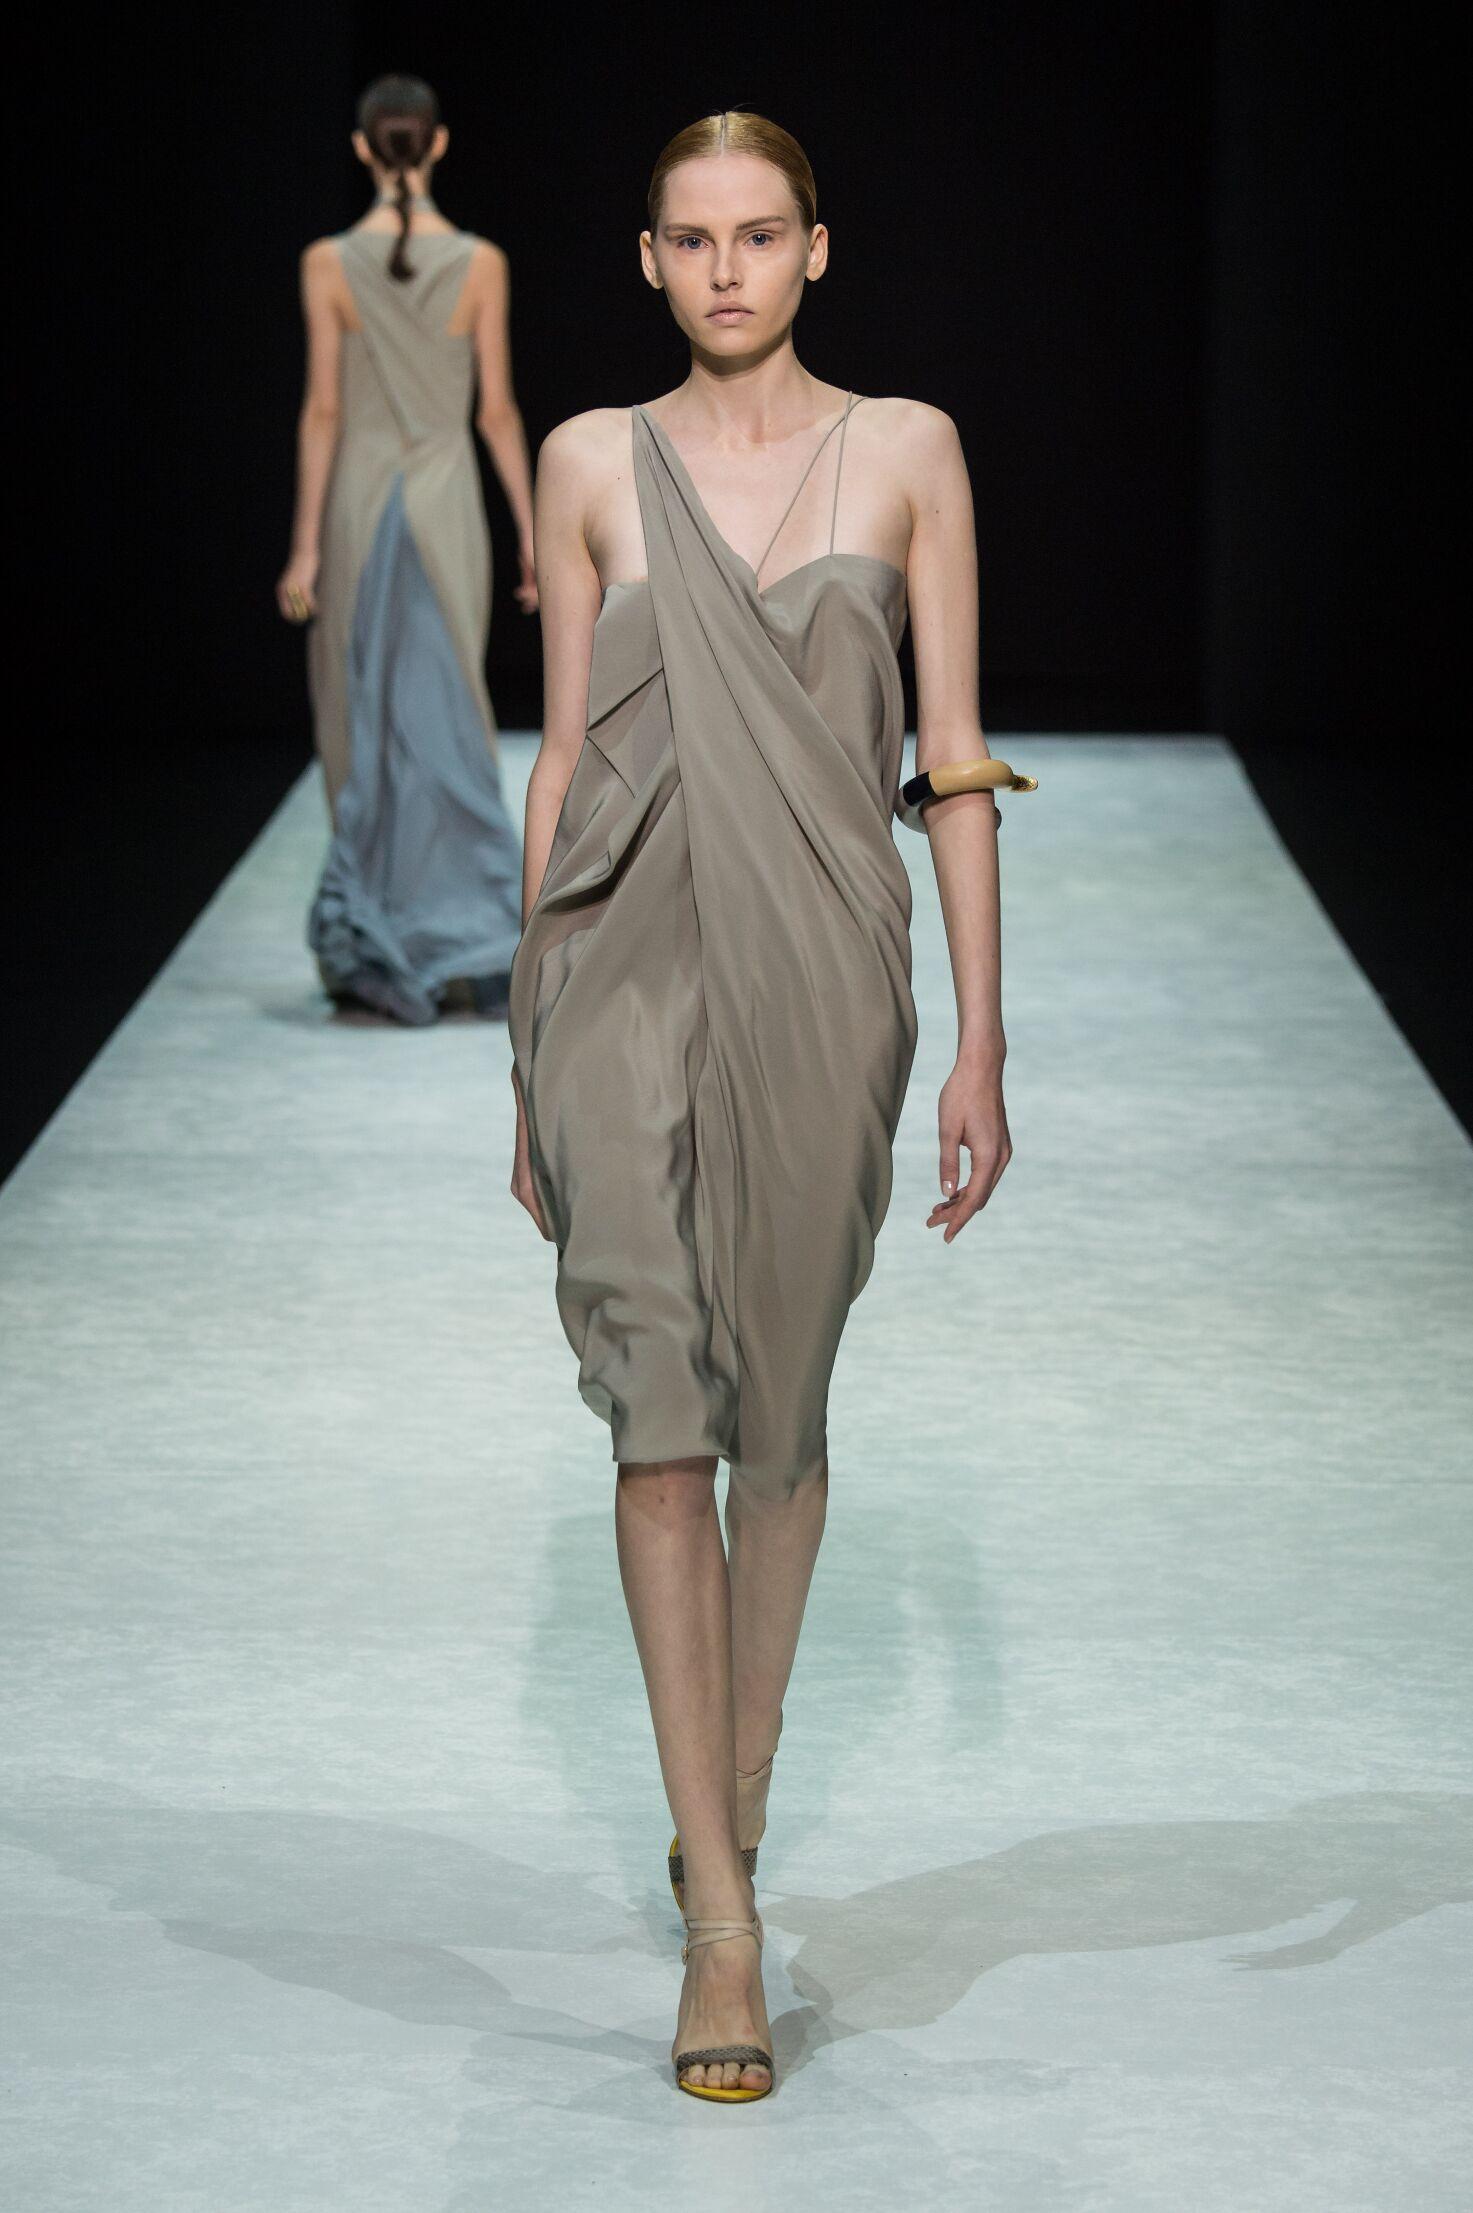 Runway Angelos Bratis Spring Summer 2015 Women's Collection Milan Fashion Week